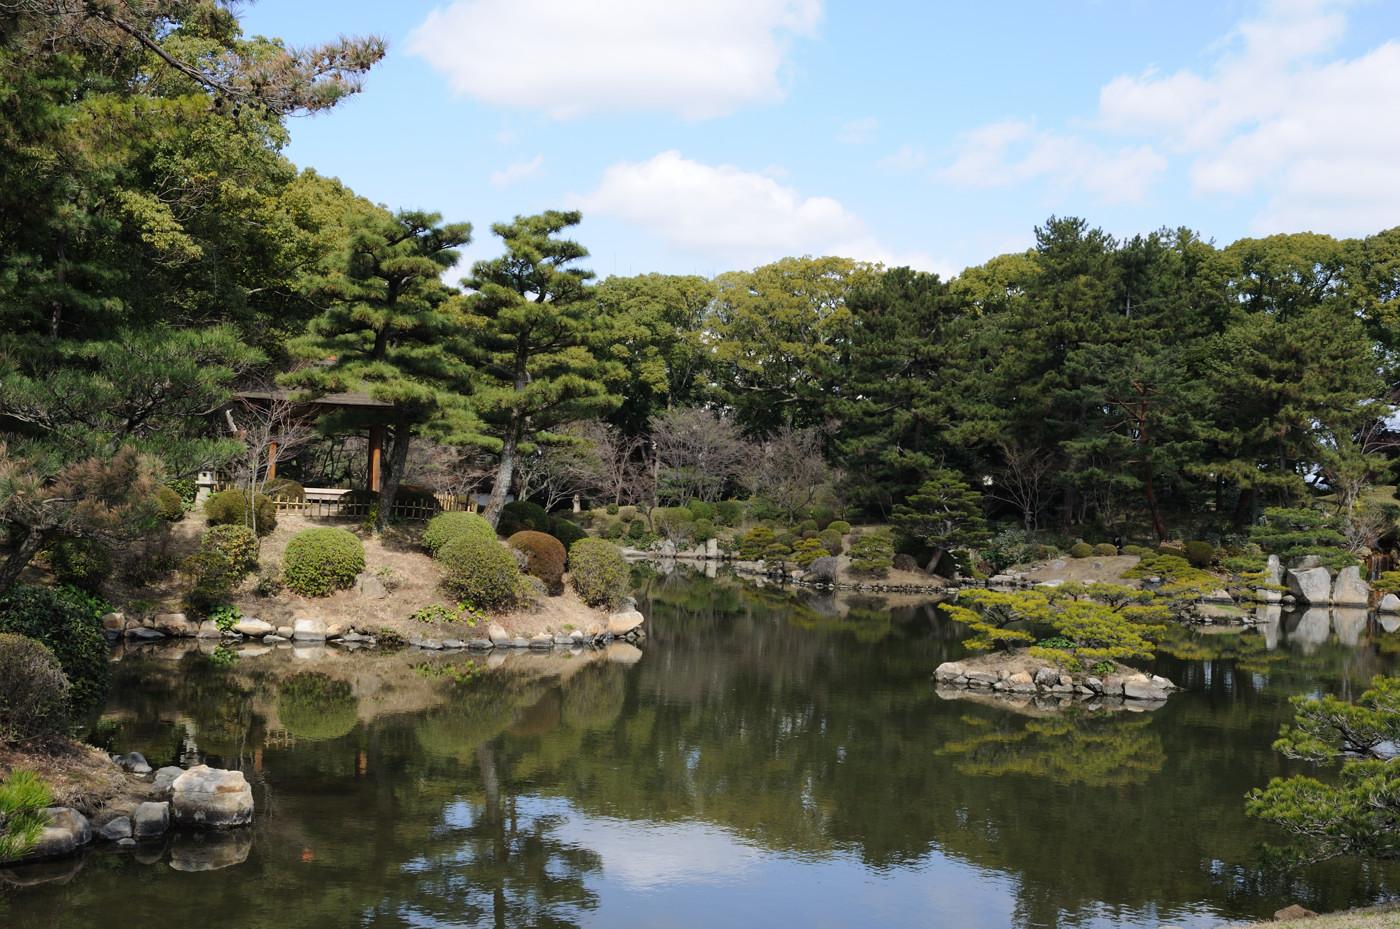 縮景園の池の付近